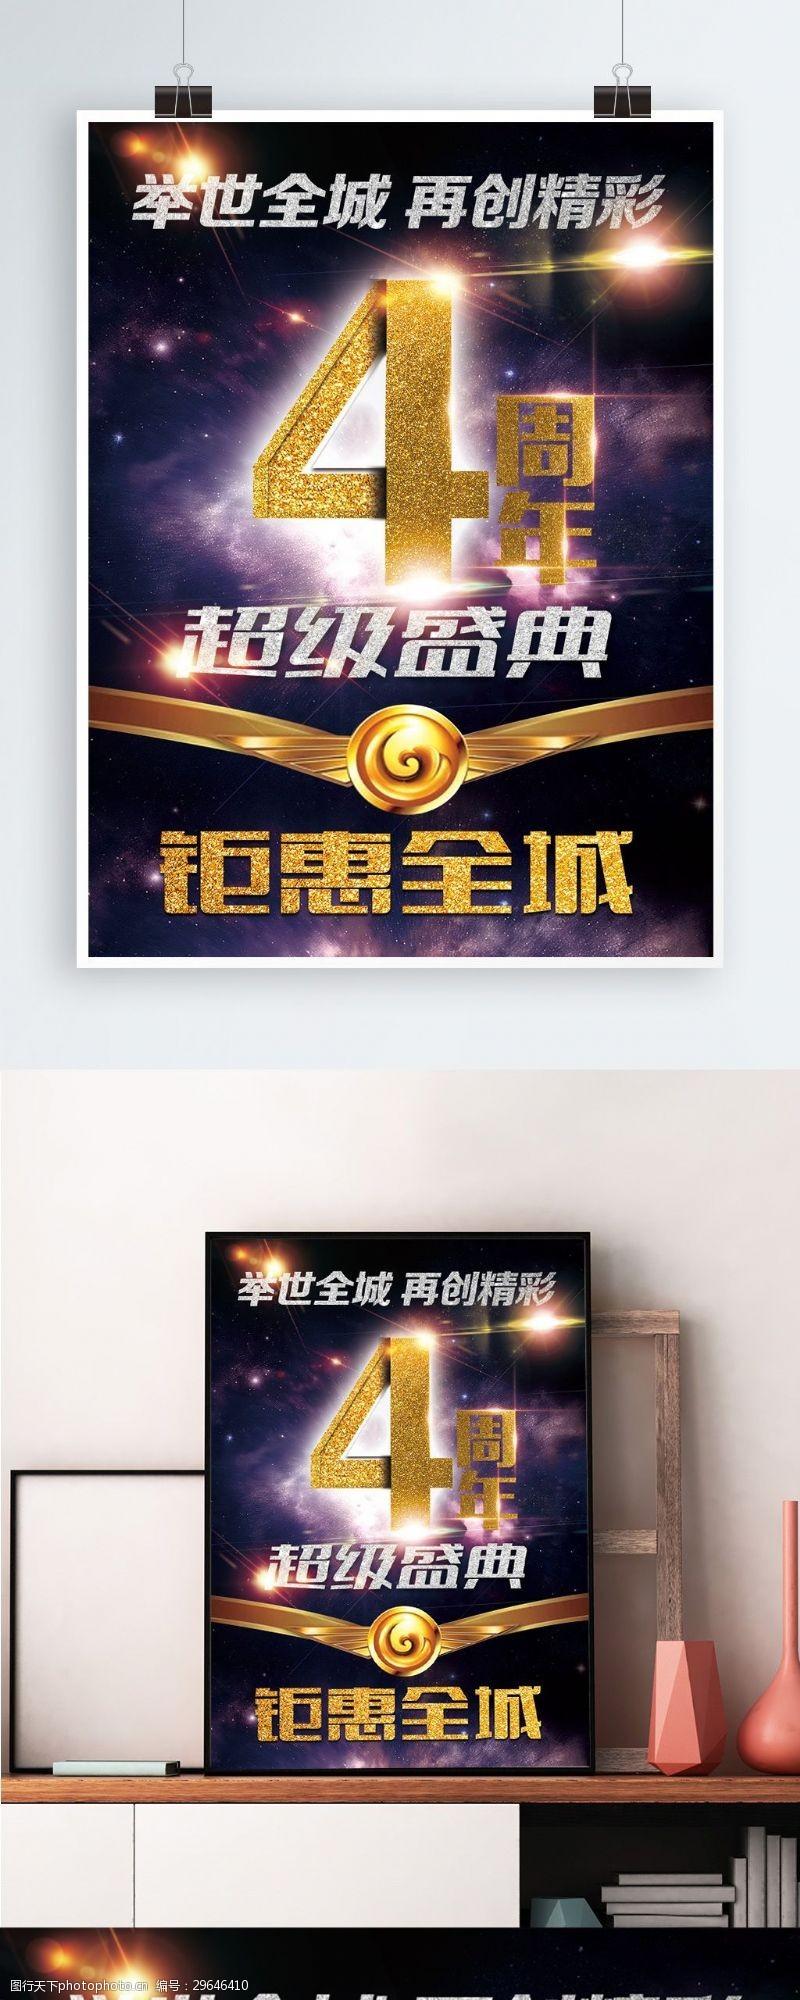 超级盛典4周年超级庆典-海报